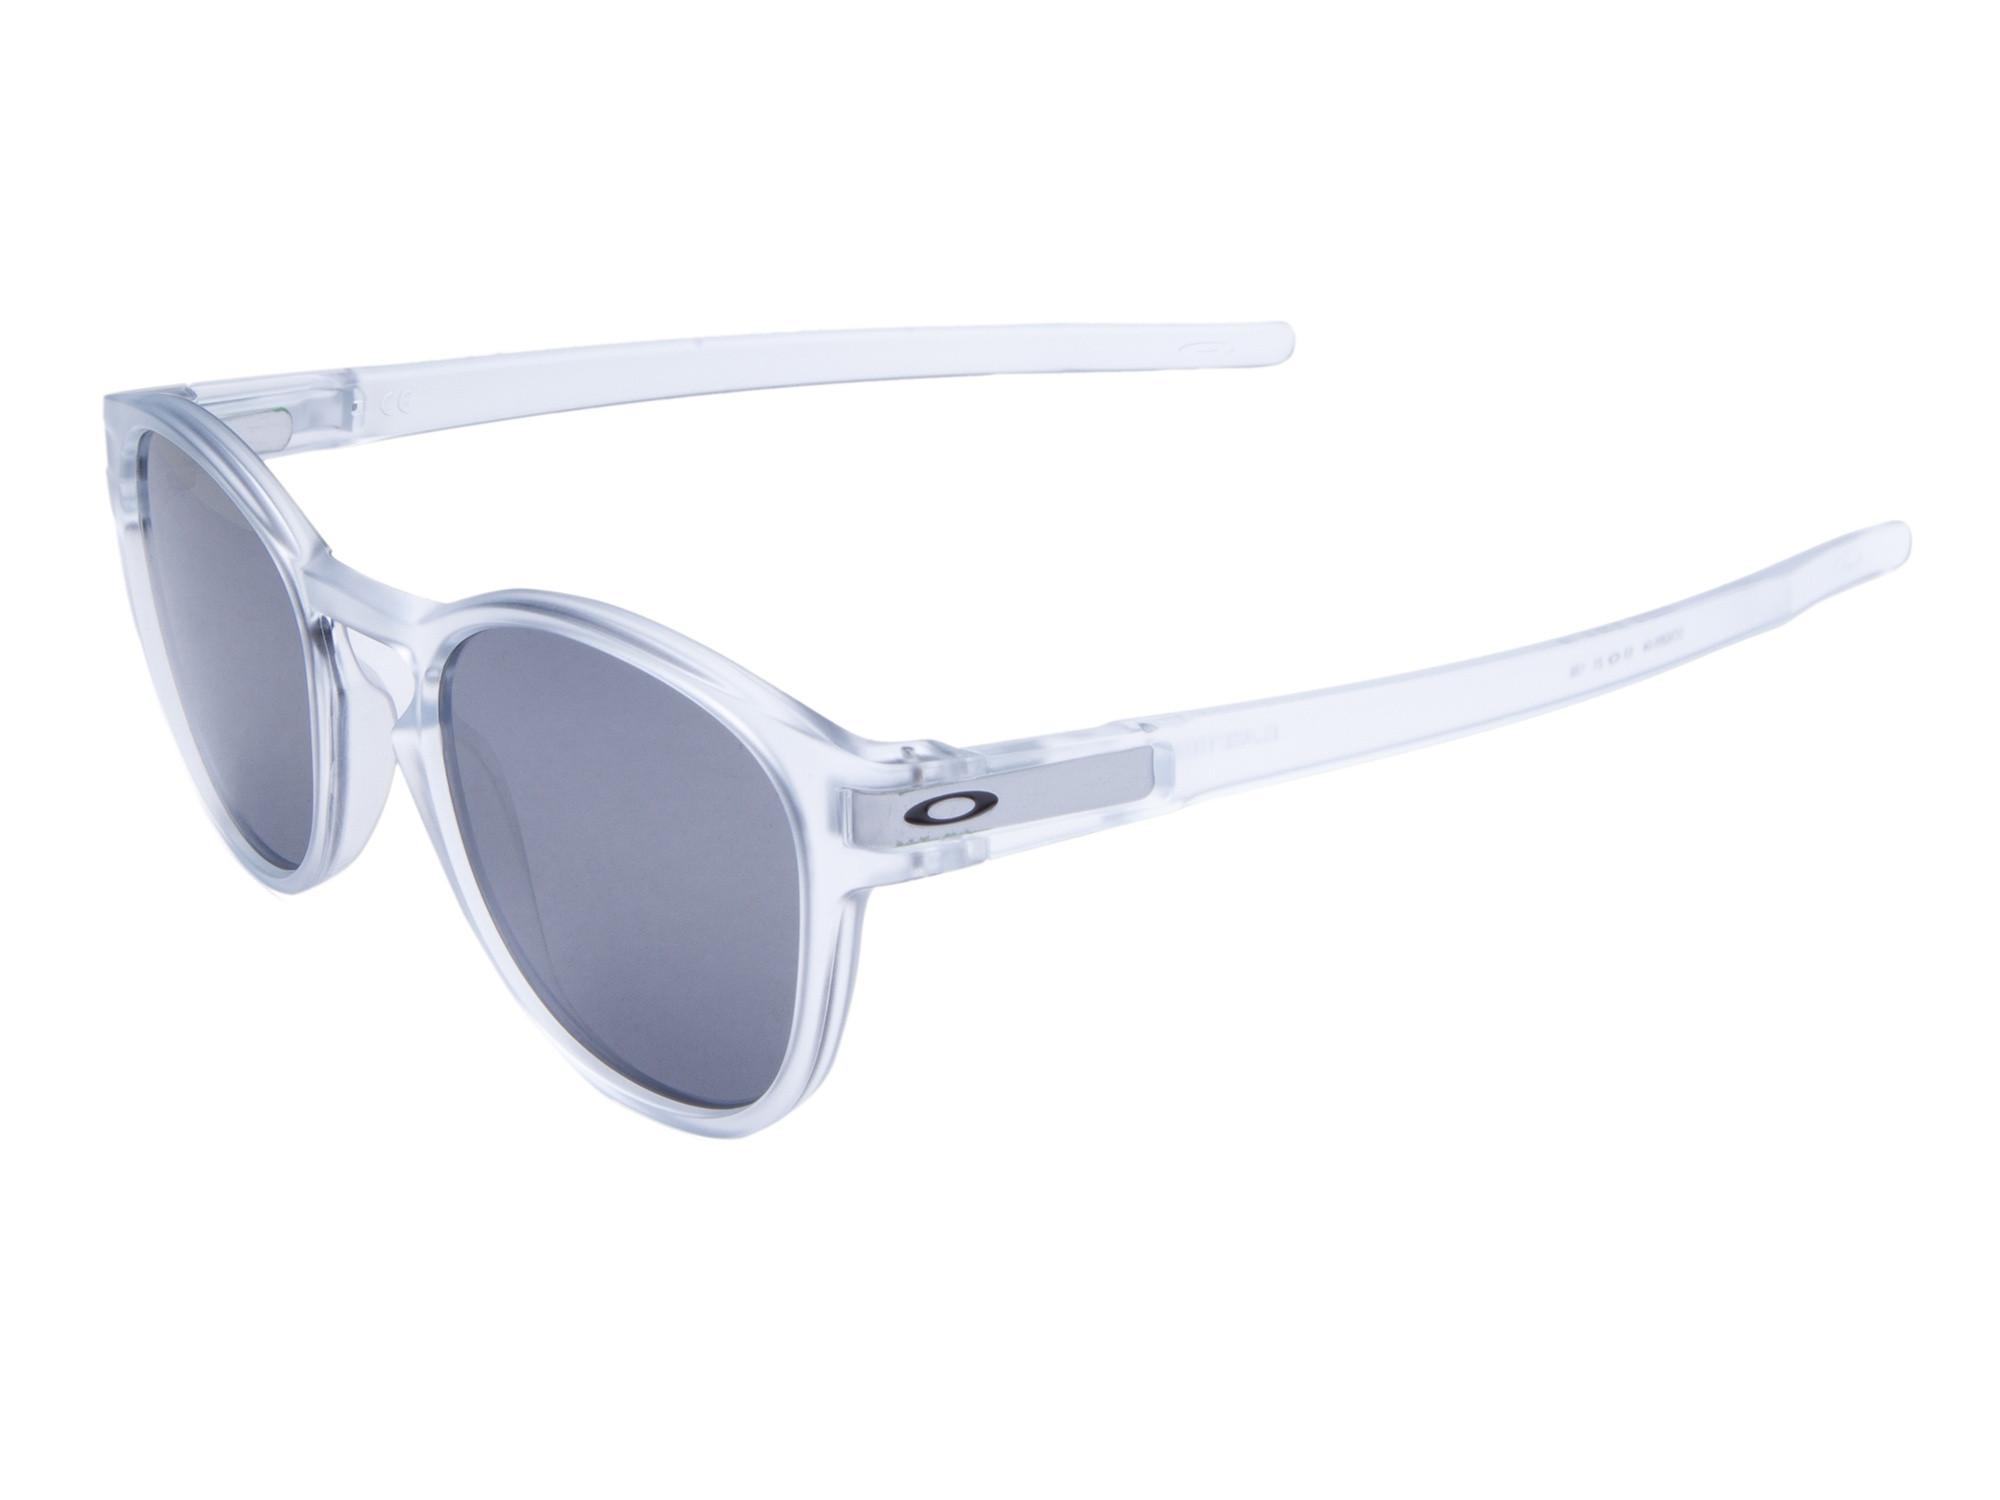 Óculos Oakley Latch Matte Clear Lente Black Iridium ref OO926504 7fc9f7388a